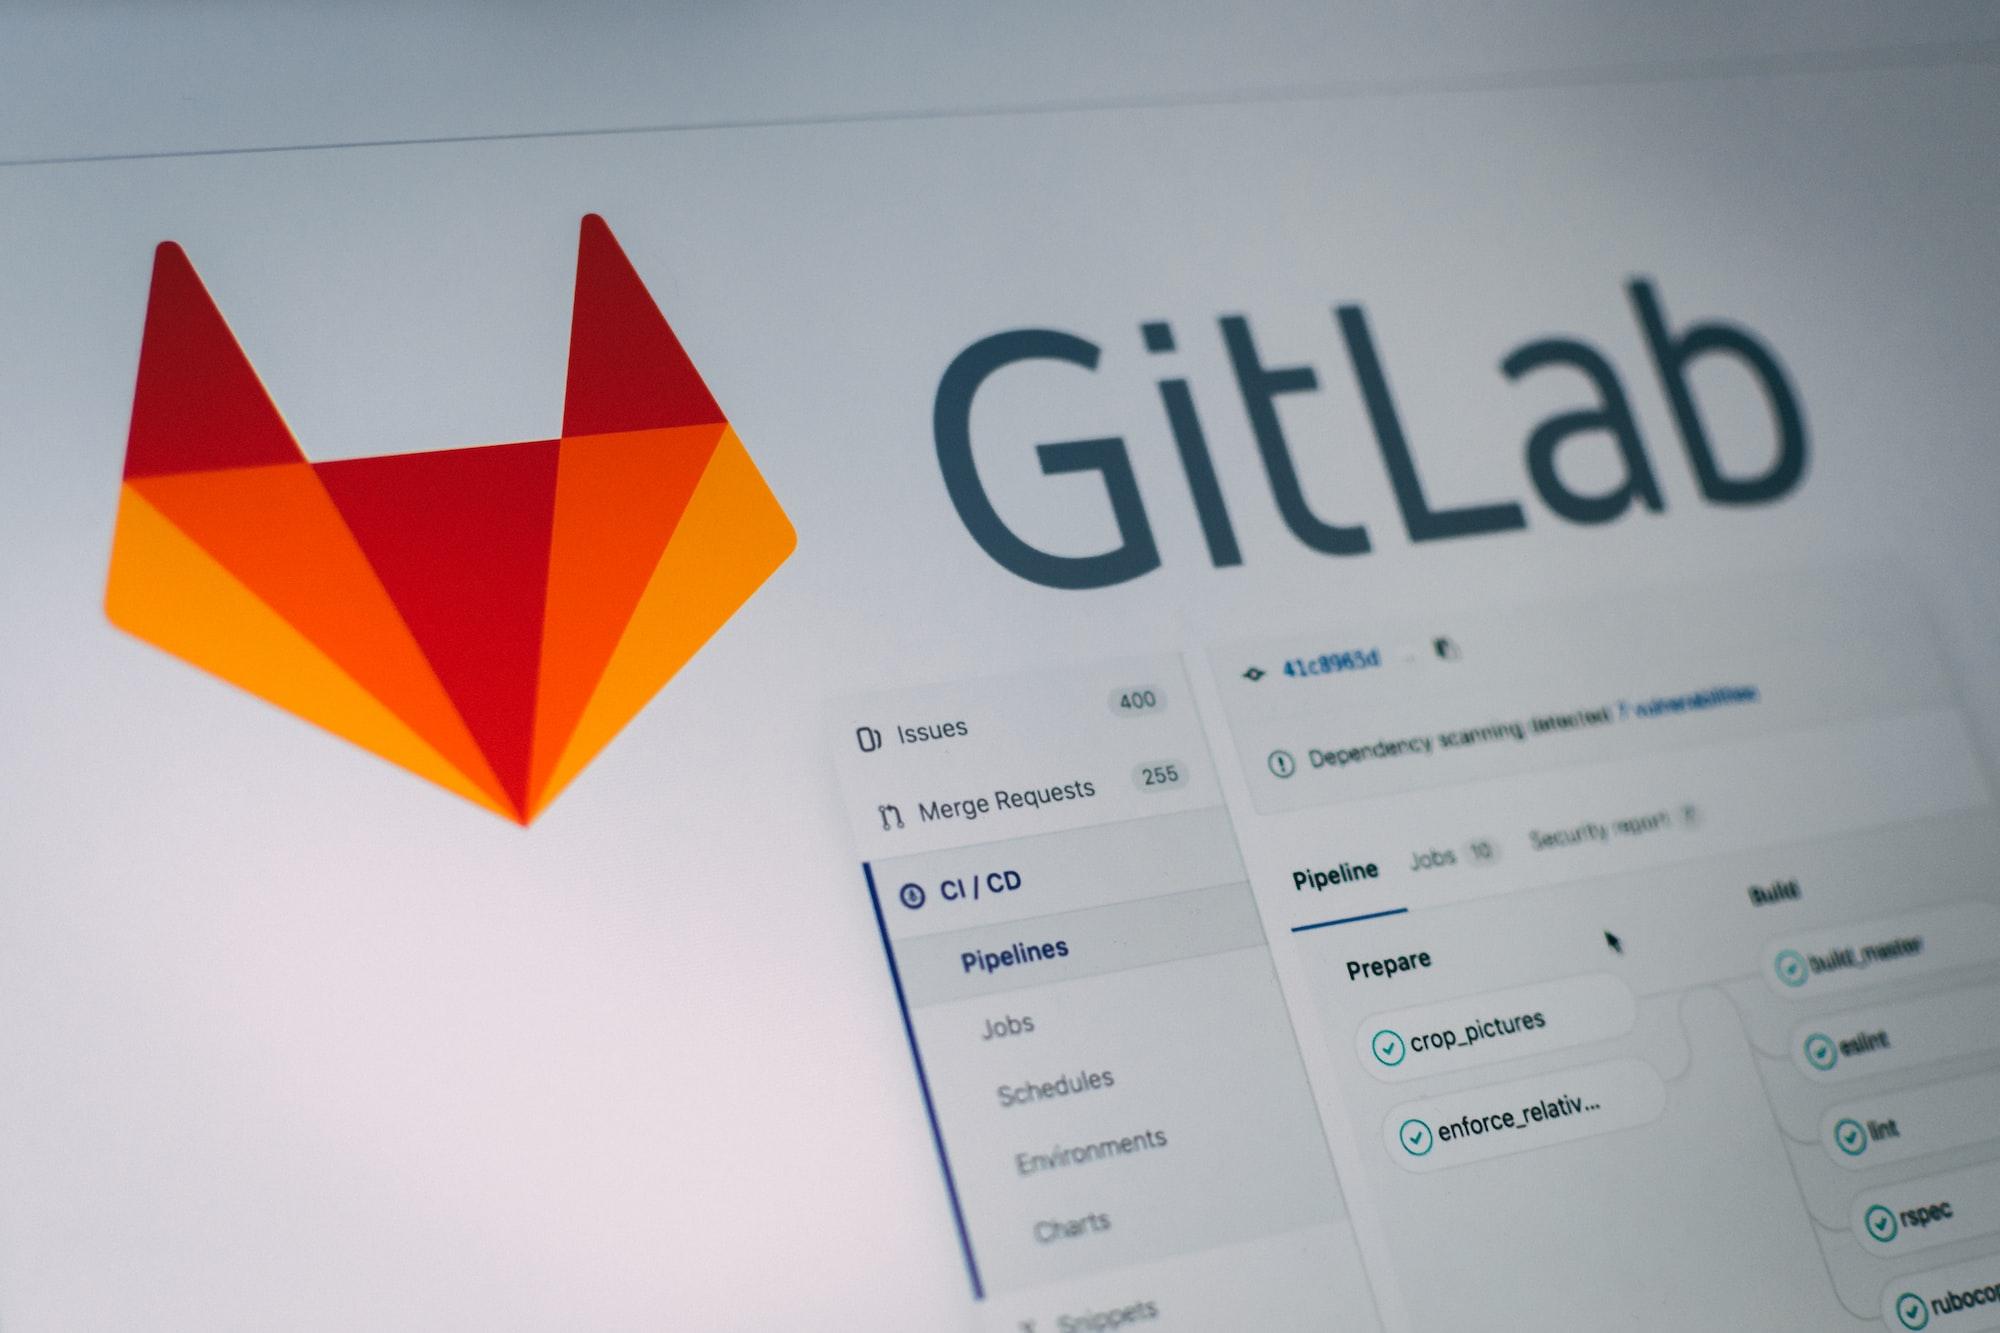 gitlab 13.12.xから14.0.xへaptでアップグレード